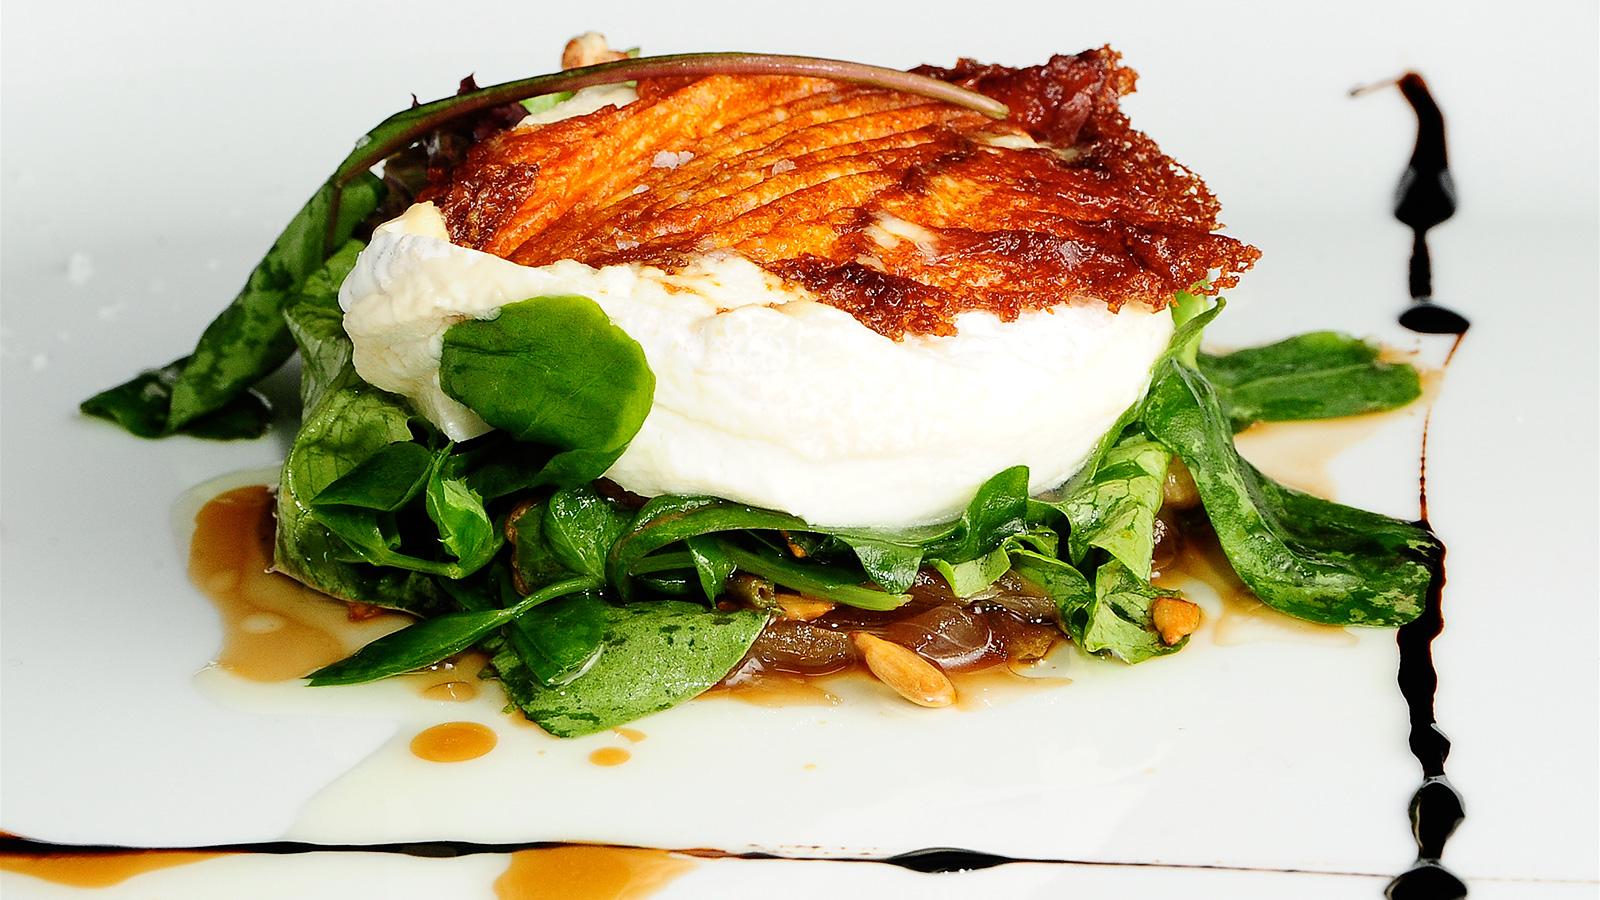 Ensalada gourmet sergio fern ndez receta canal cocina - Ensaladas gourmet faciles ...